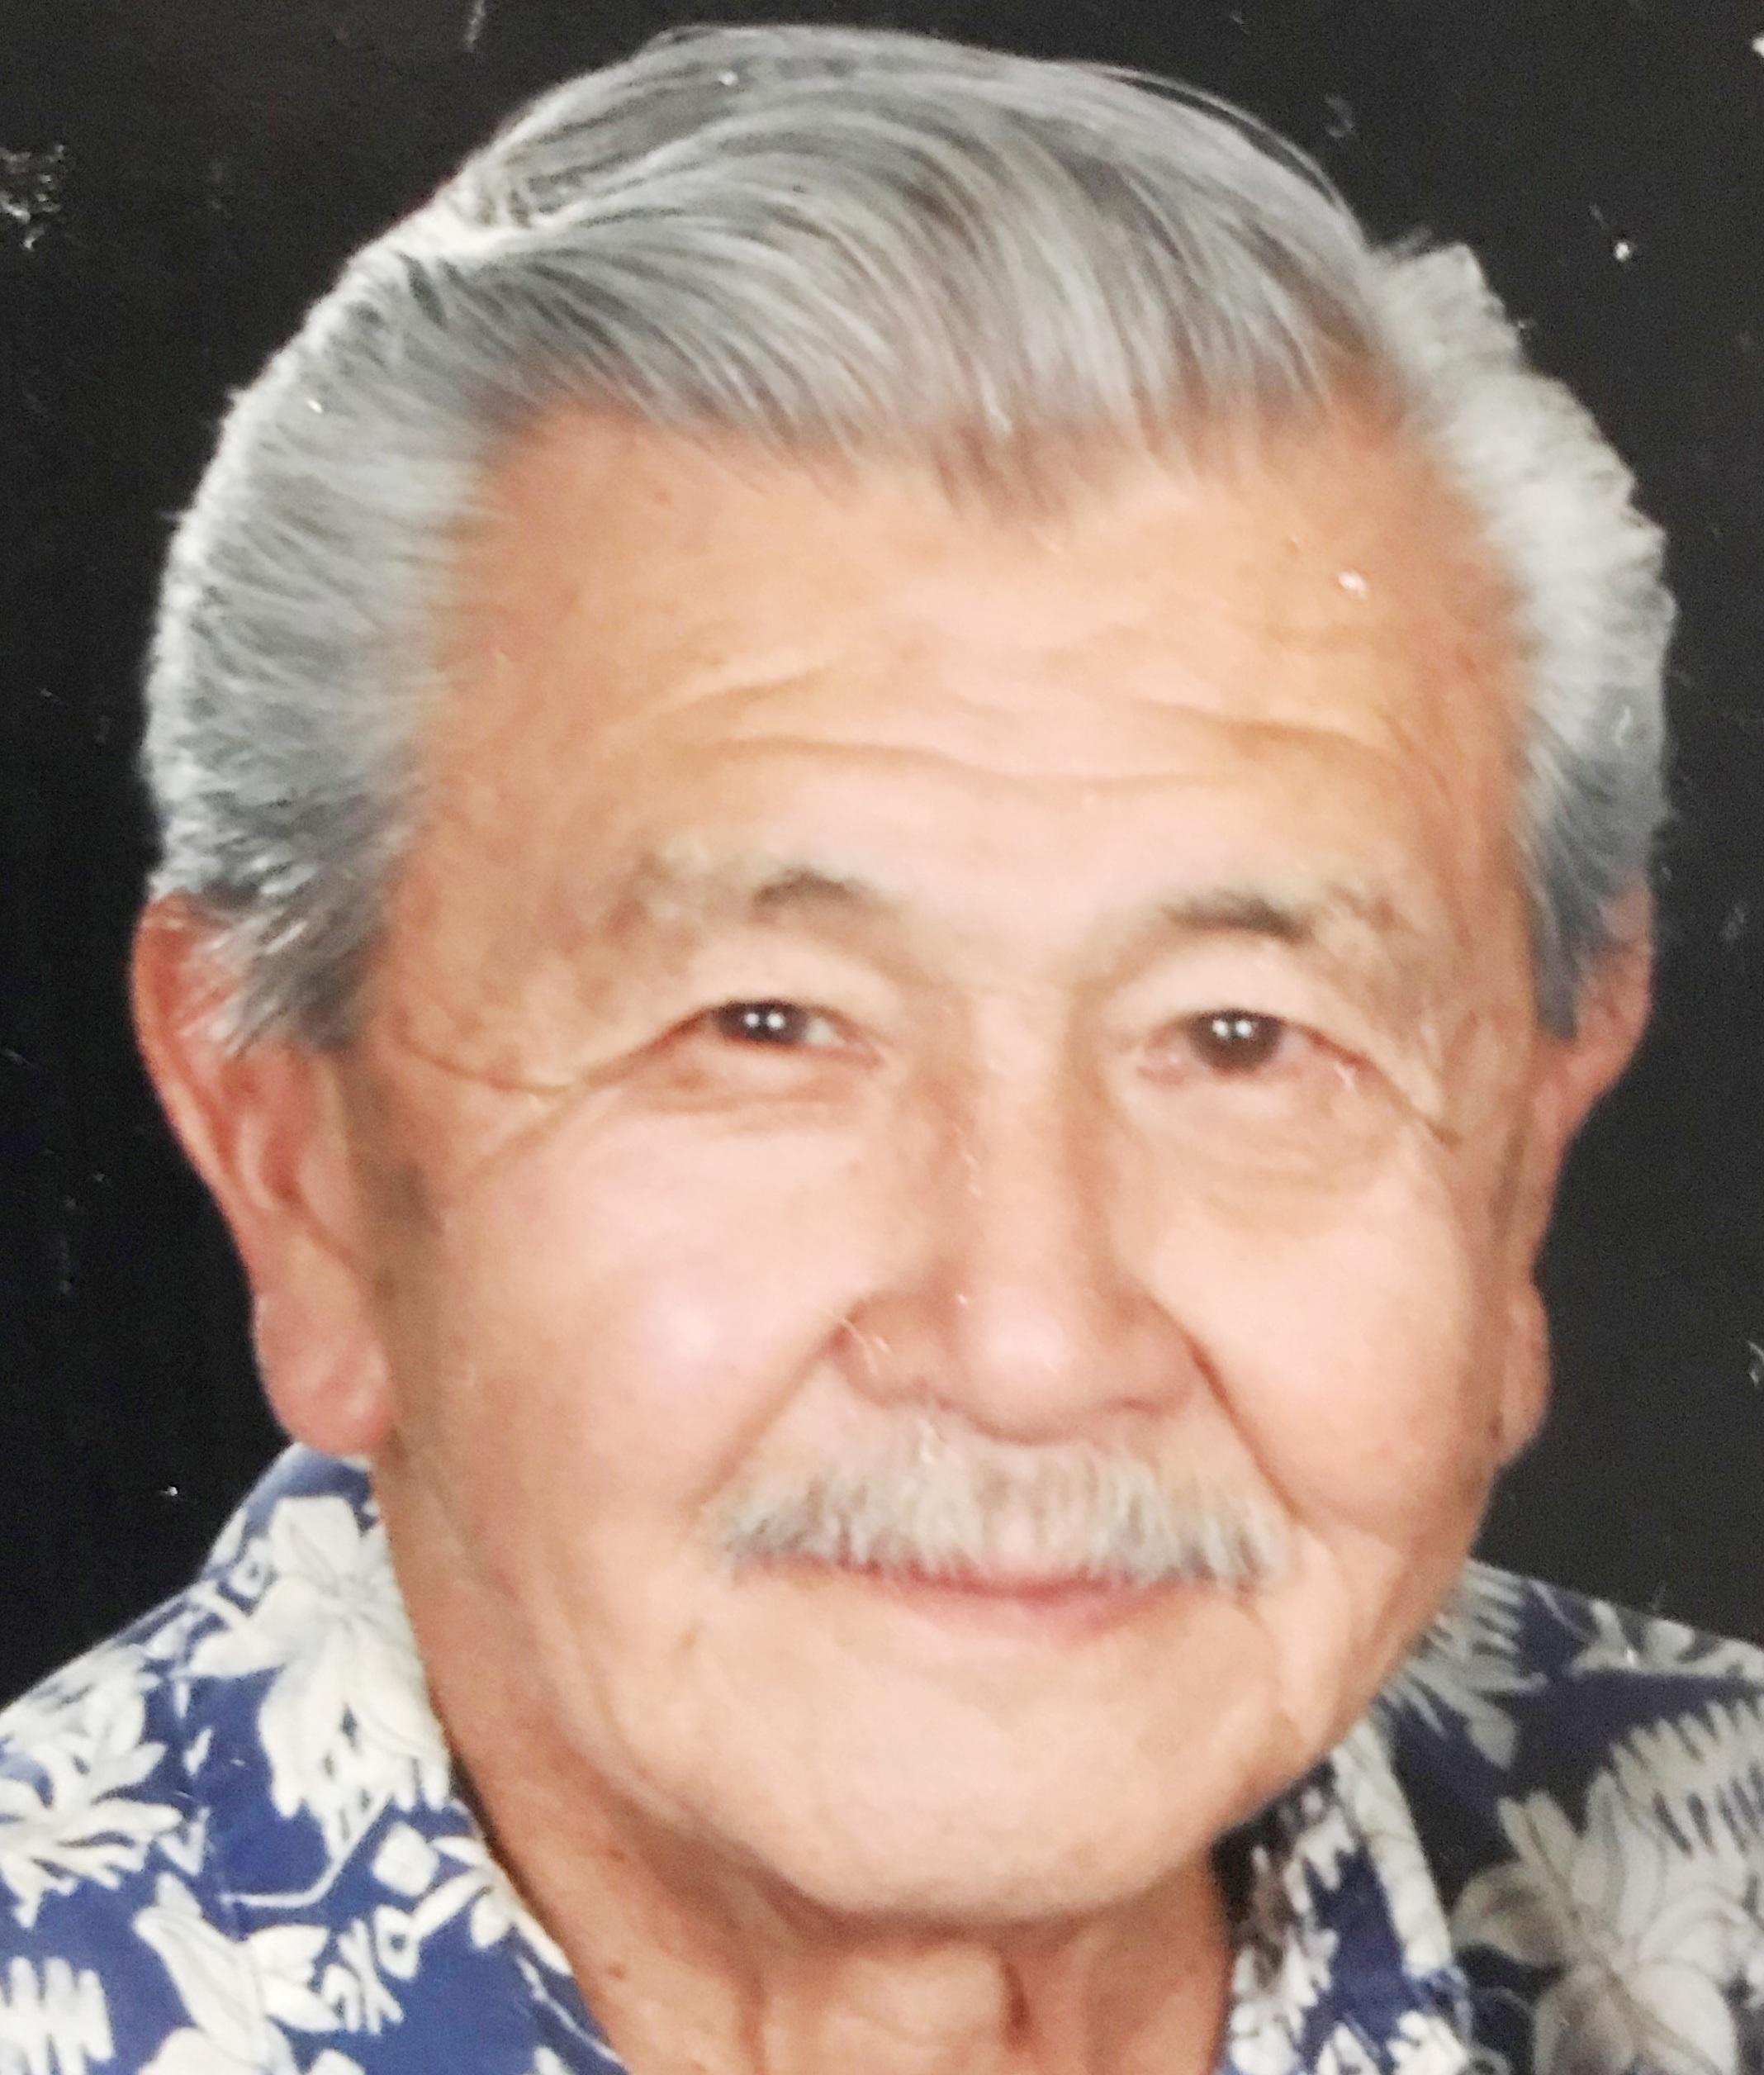 Norman Hung Wah Tasaka Yates